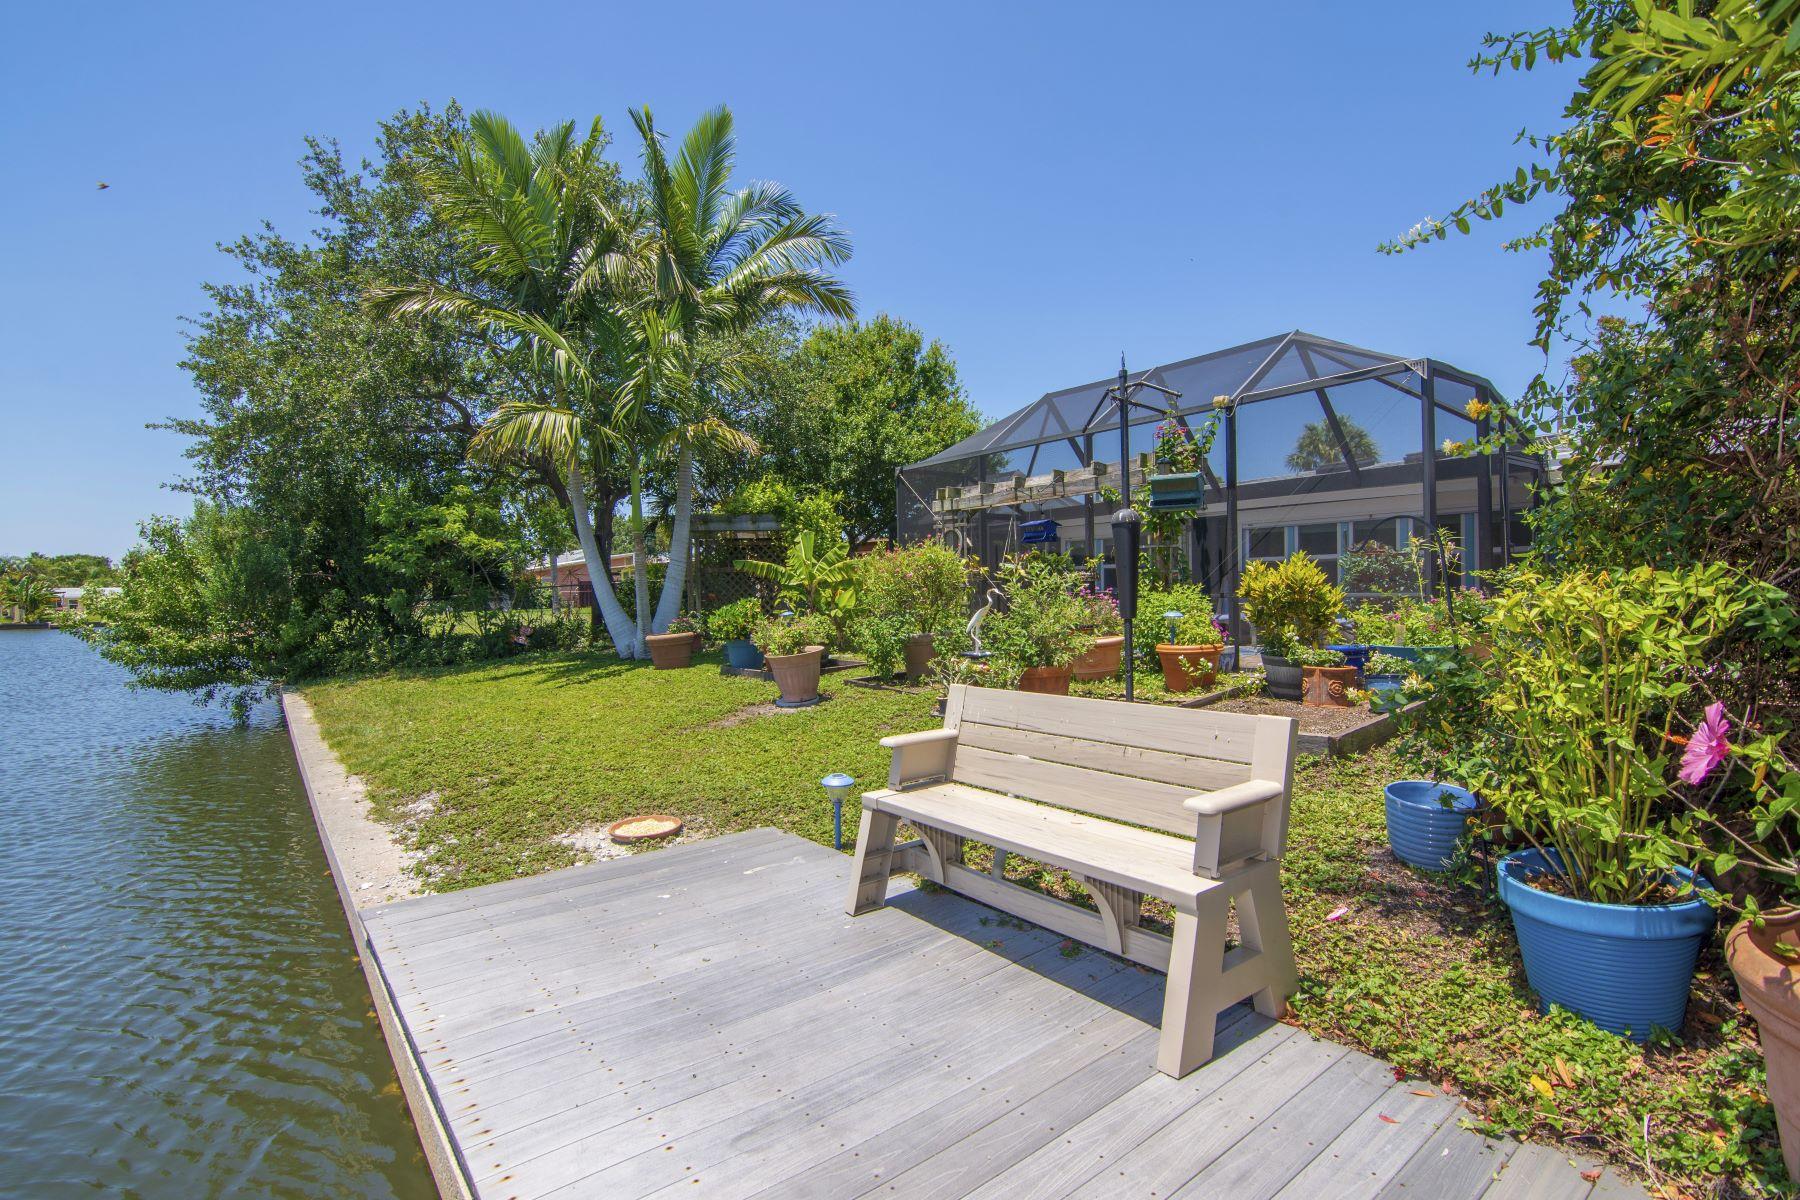 211 14th Place, Vero Beach, FL 211 14th Place Vero Beach, Floride 32960 États-Unis